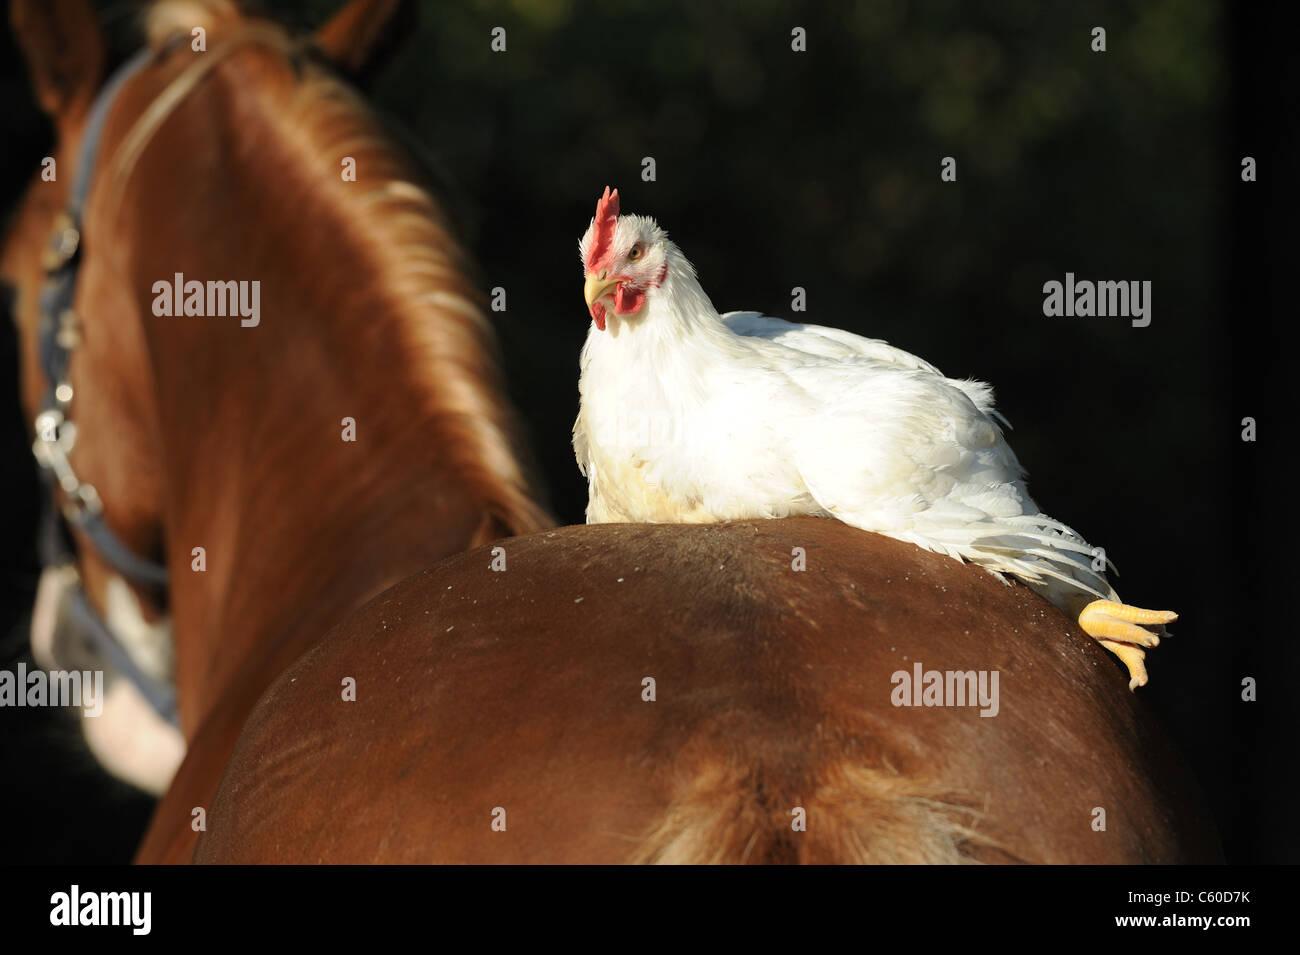 Gallina (Gallus gallus domesticus) descansando sobre un pony galés. Foto de stock